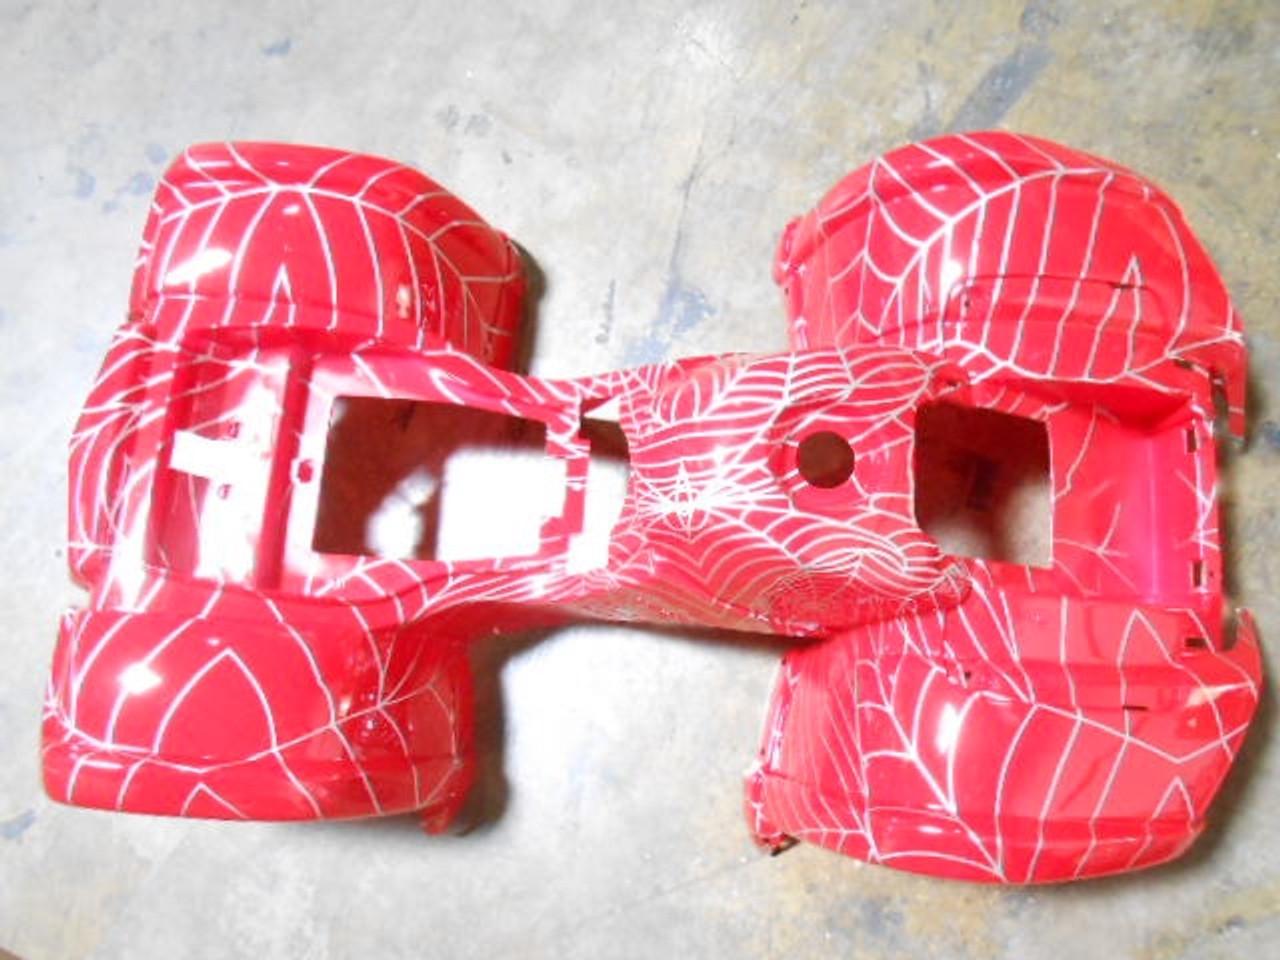 BODY TAOTAO BRAND 20540-B15-36